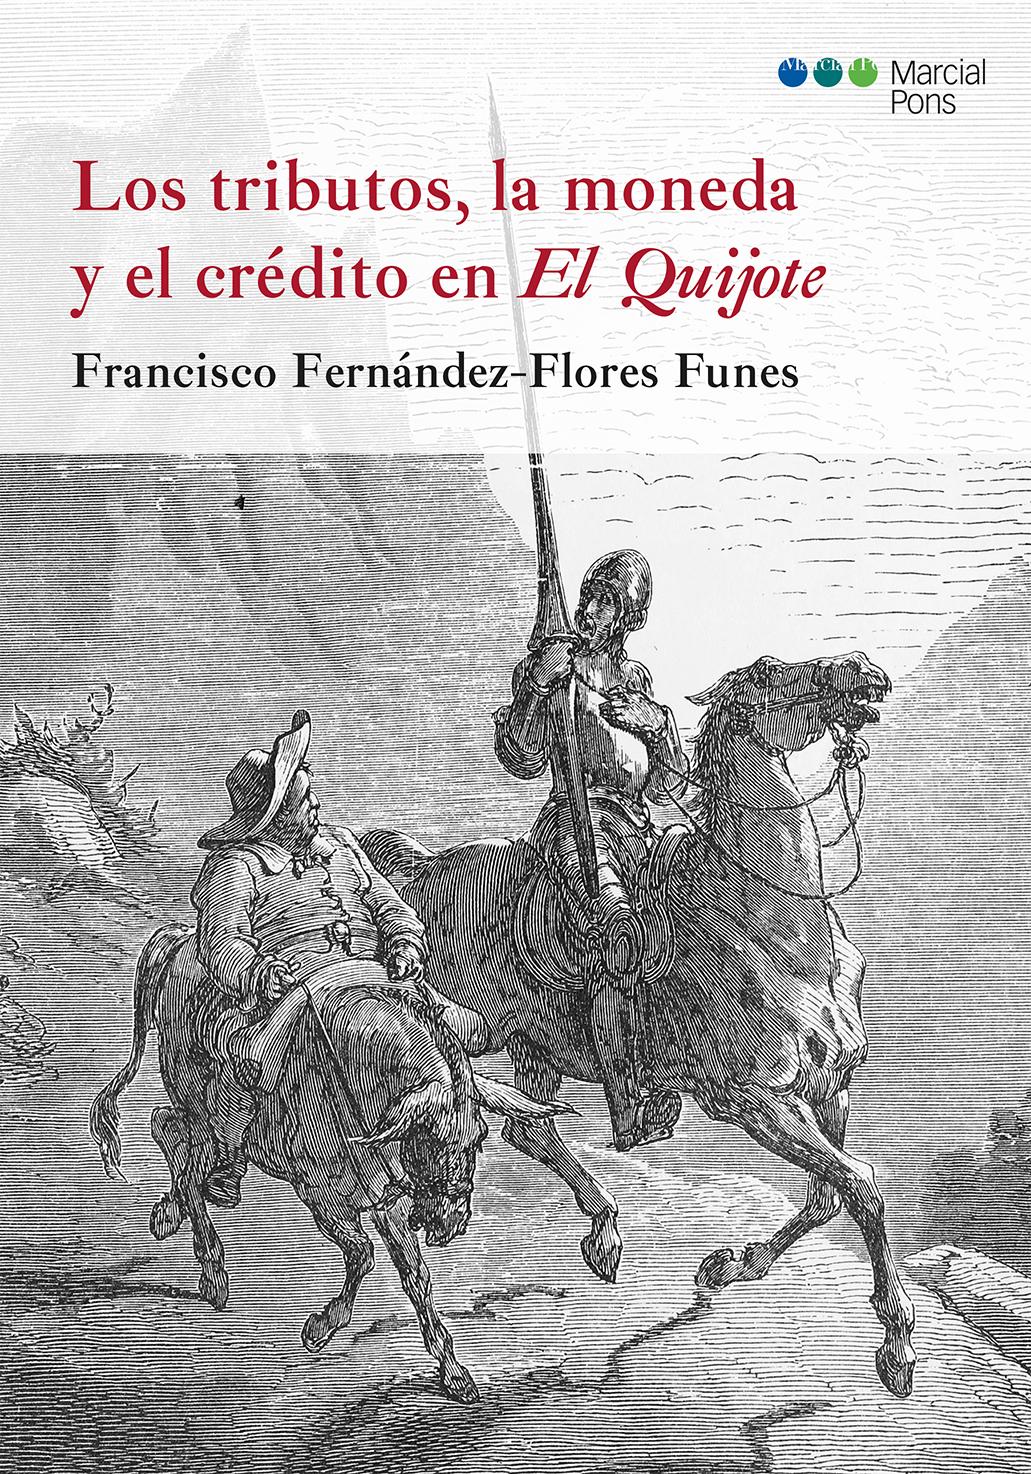 Los tributos la moneda y el cr dito en el quijote librer a bosch - Libreria marcial pons barcelona ...